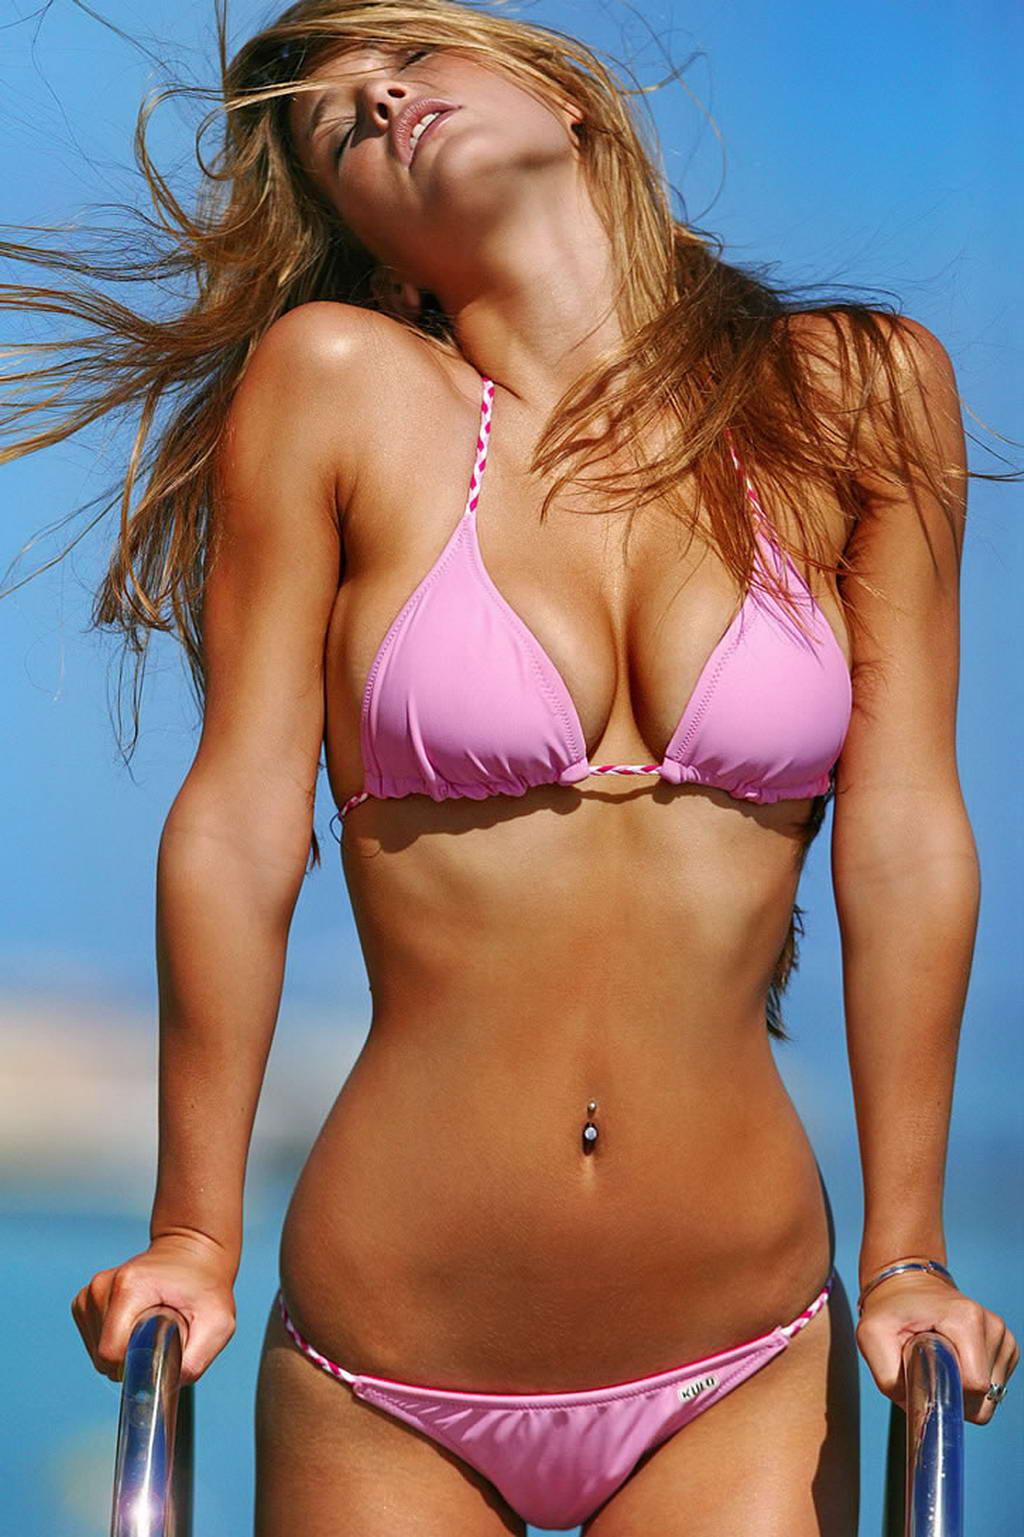 Est bikini bar hollywood